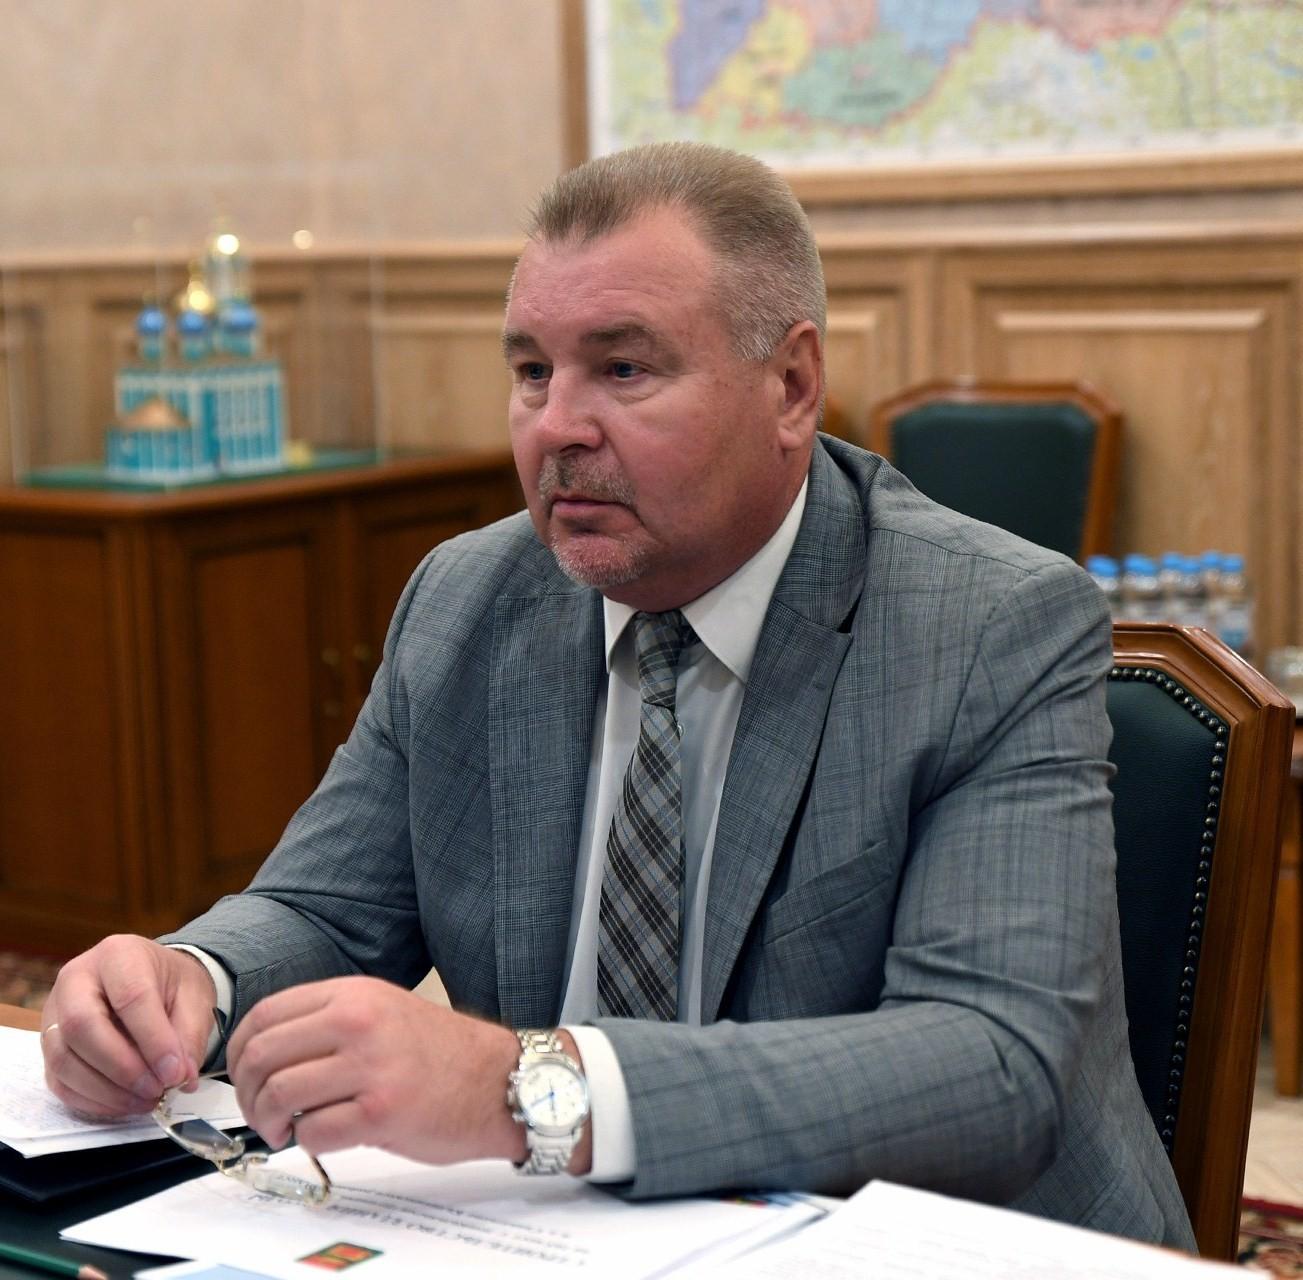 Андрей Зайцев: Многие живут недалеко от города, но добраться туда – целая история